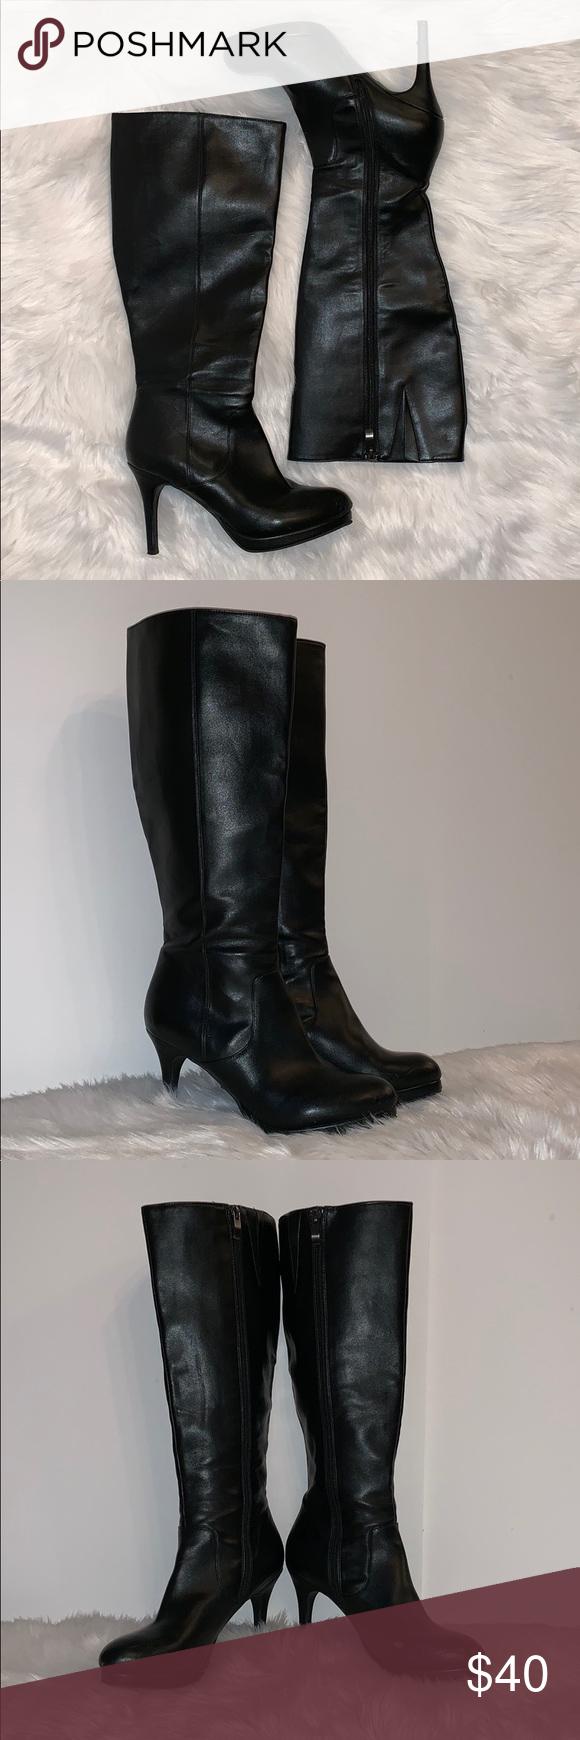 0cd3977d6888 Liz Claiborne Wide Calf Black Heeled Boots 8.5 EUC Liz Claiborne boots! Only  worn a